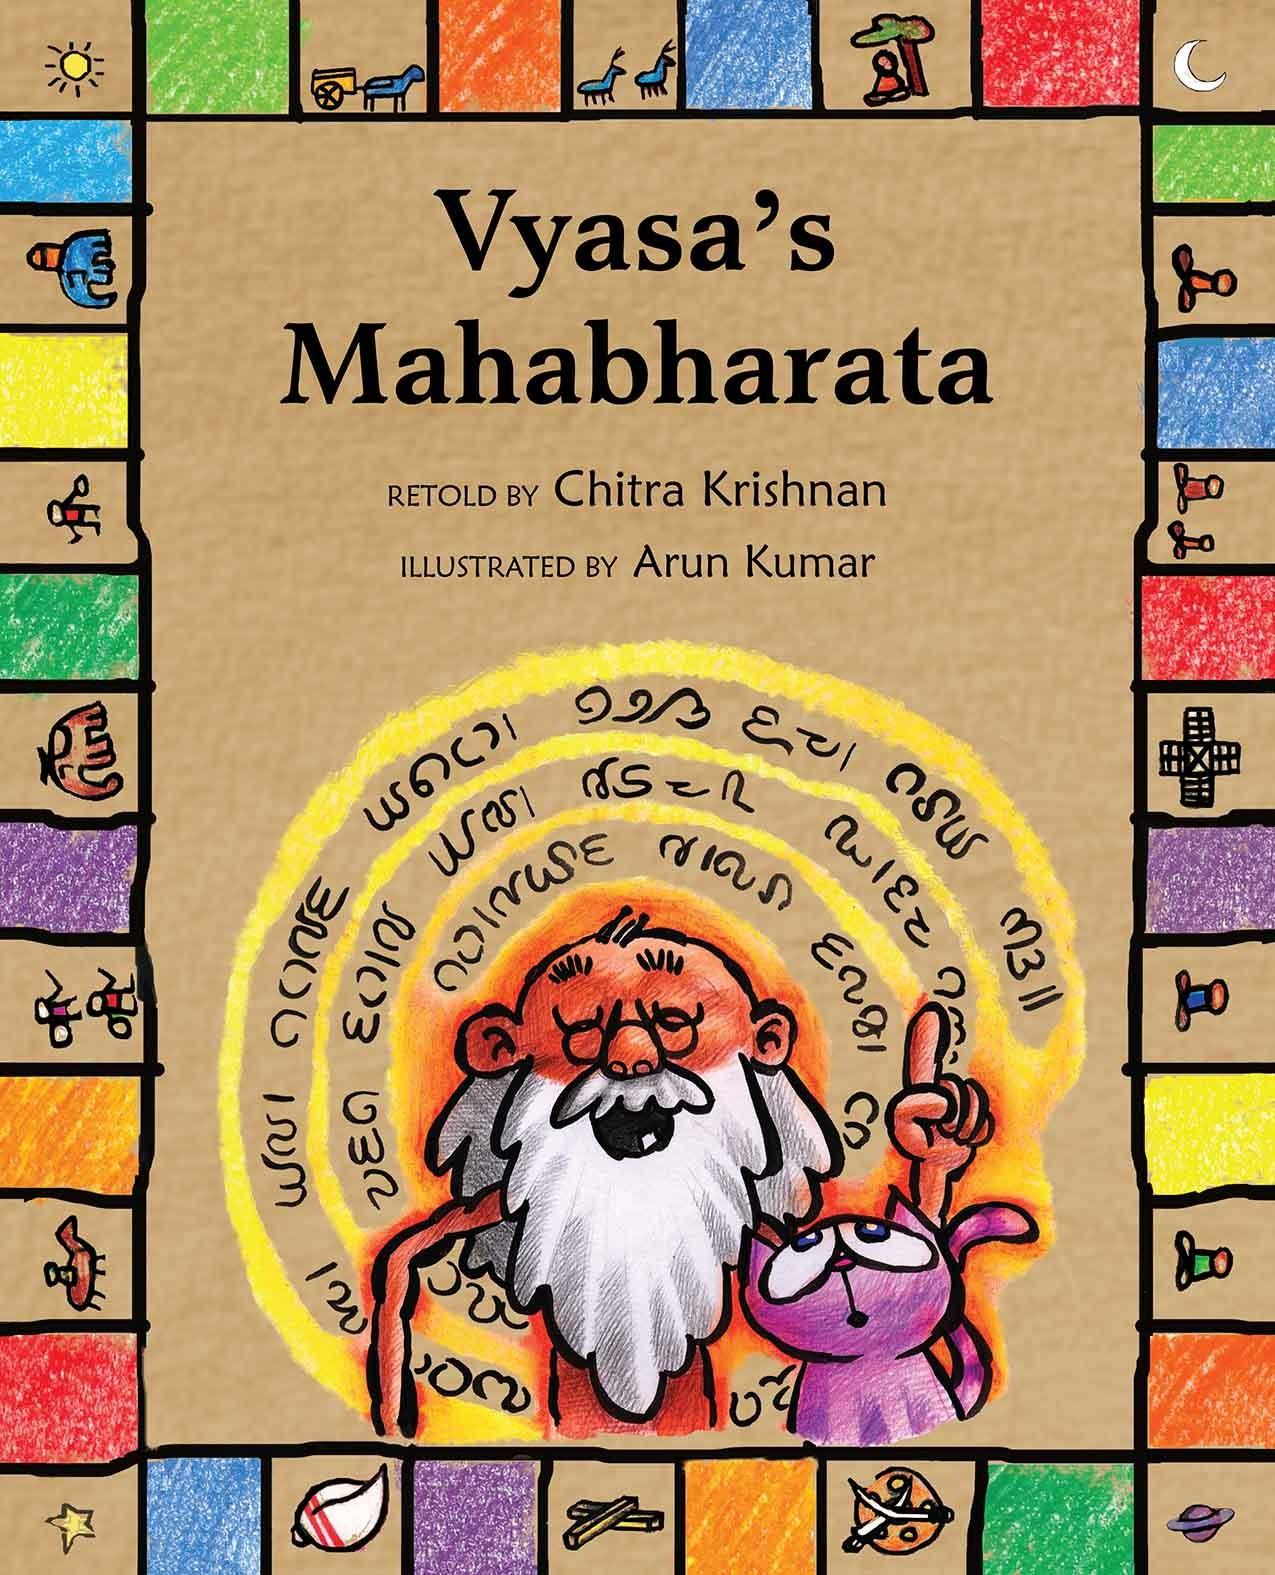 Vyasa's Mahabharata (English)